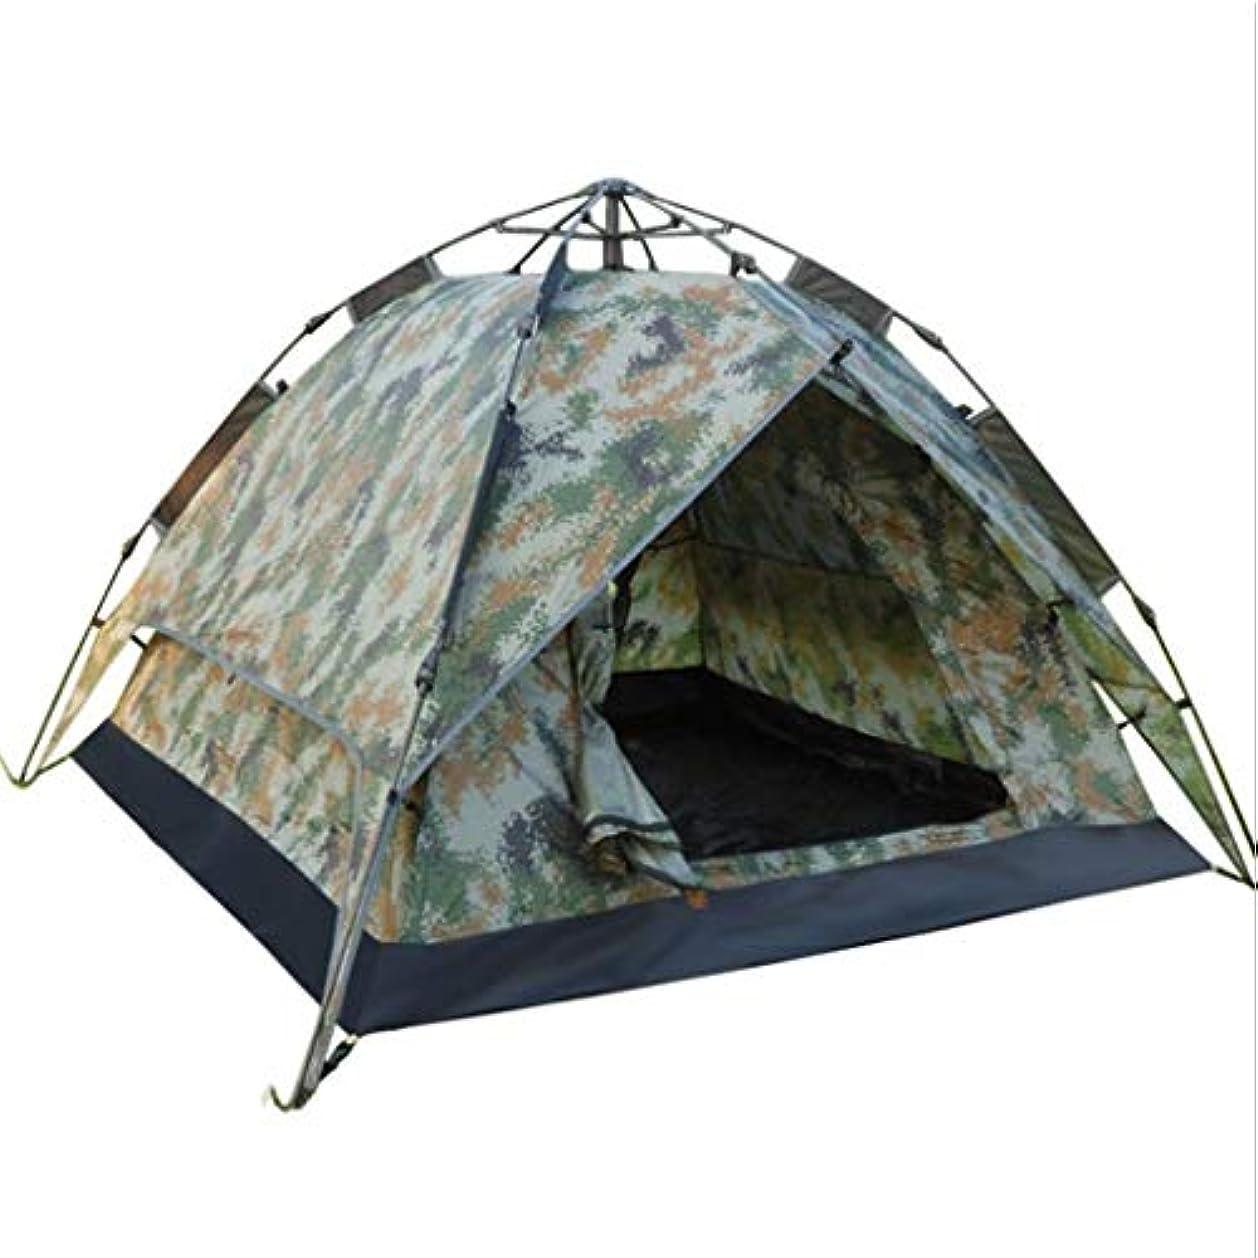 嫉妬動物園お手伝いさんIDWOI テント アウトドア 2-3人 キャンプテント 自動 レインプルーフ ダブルファブリック 多機能 ドームテント